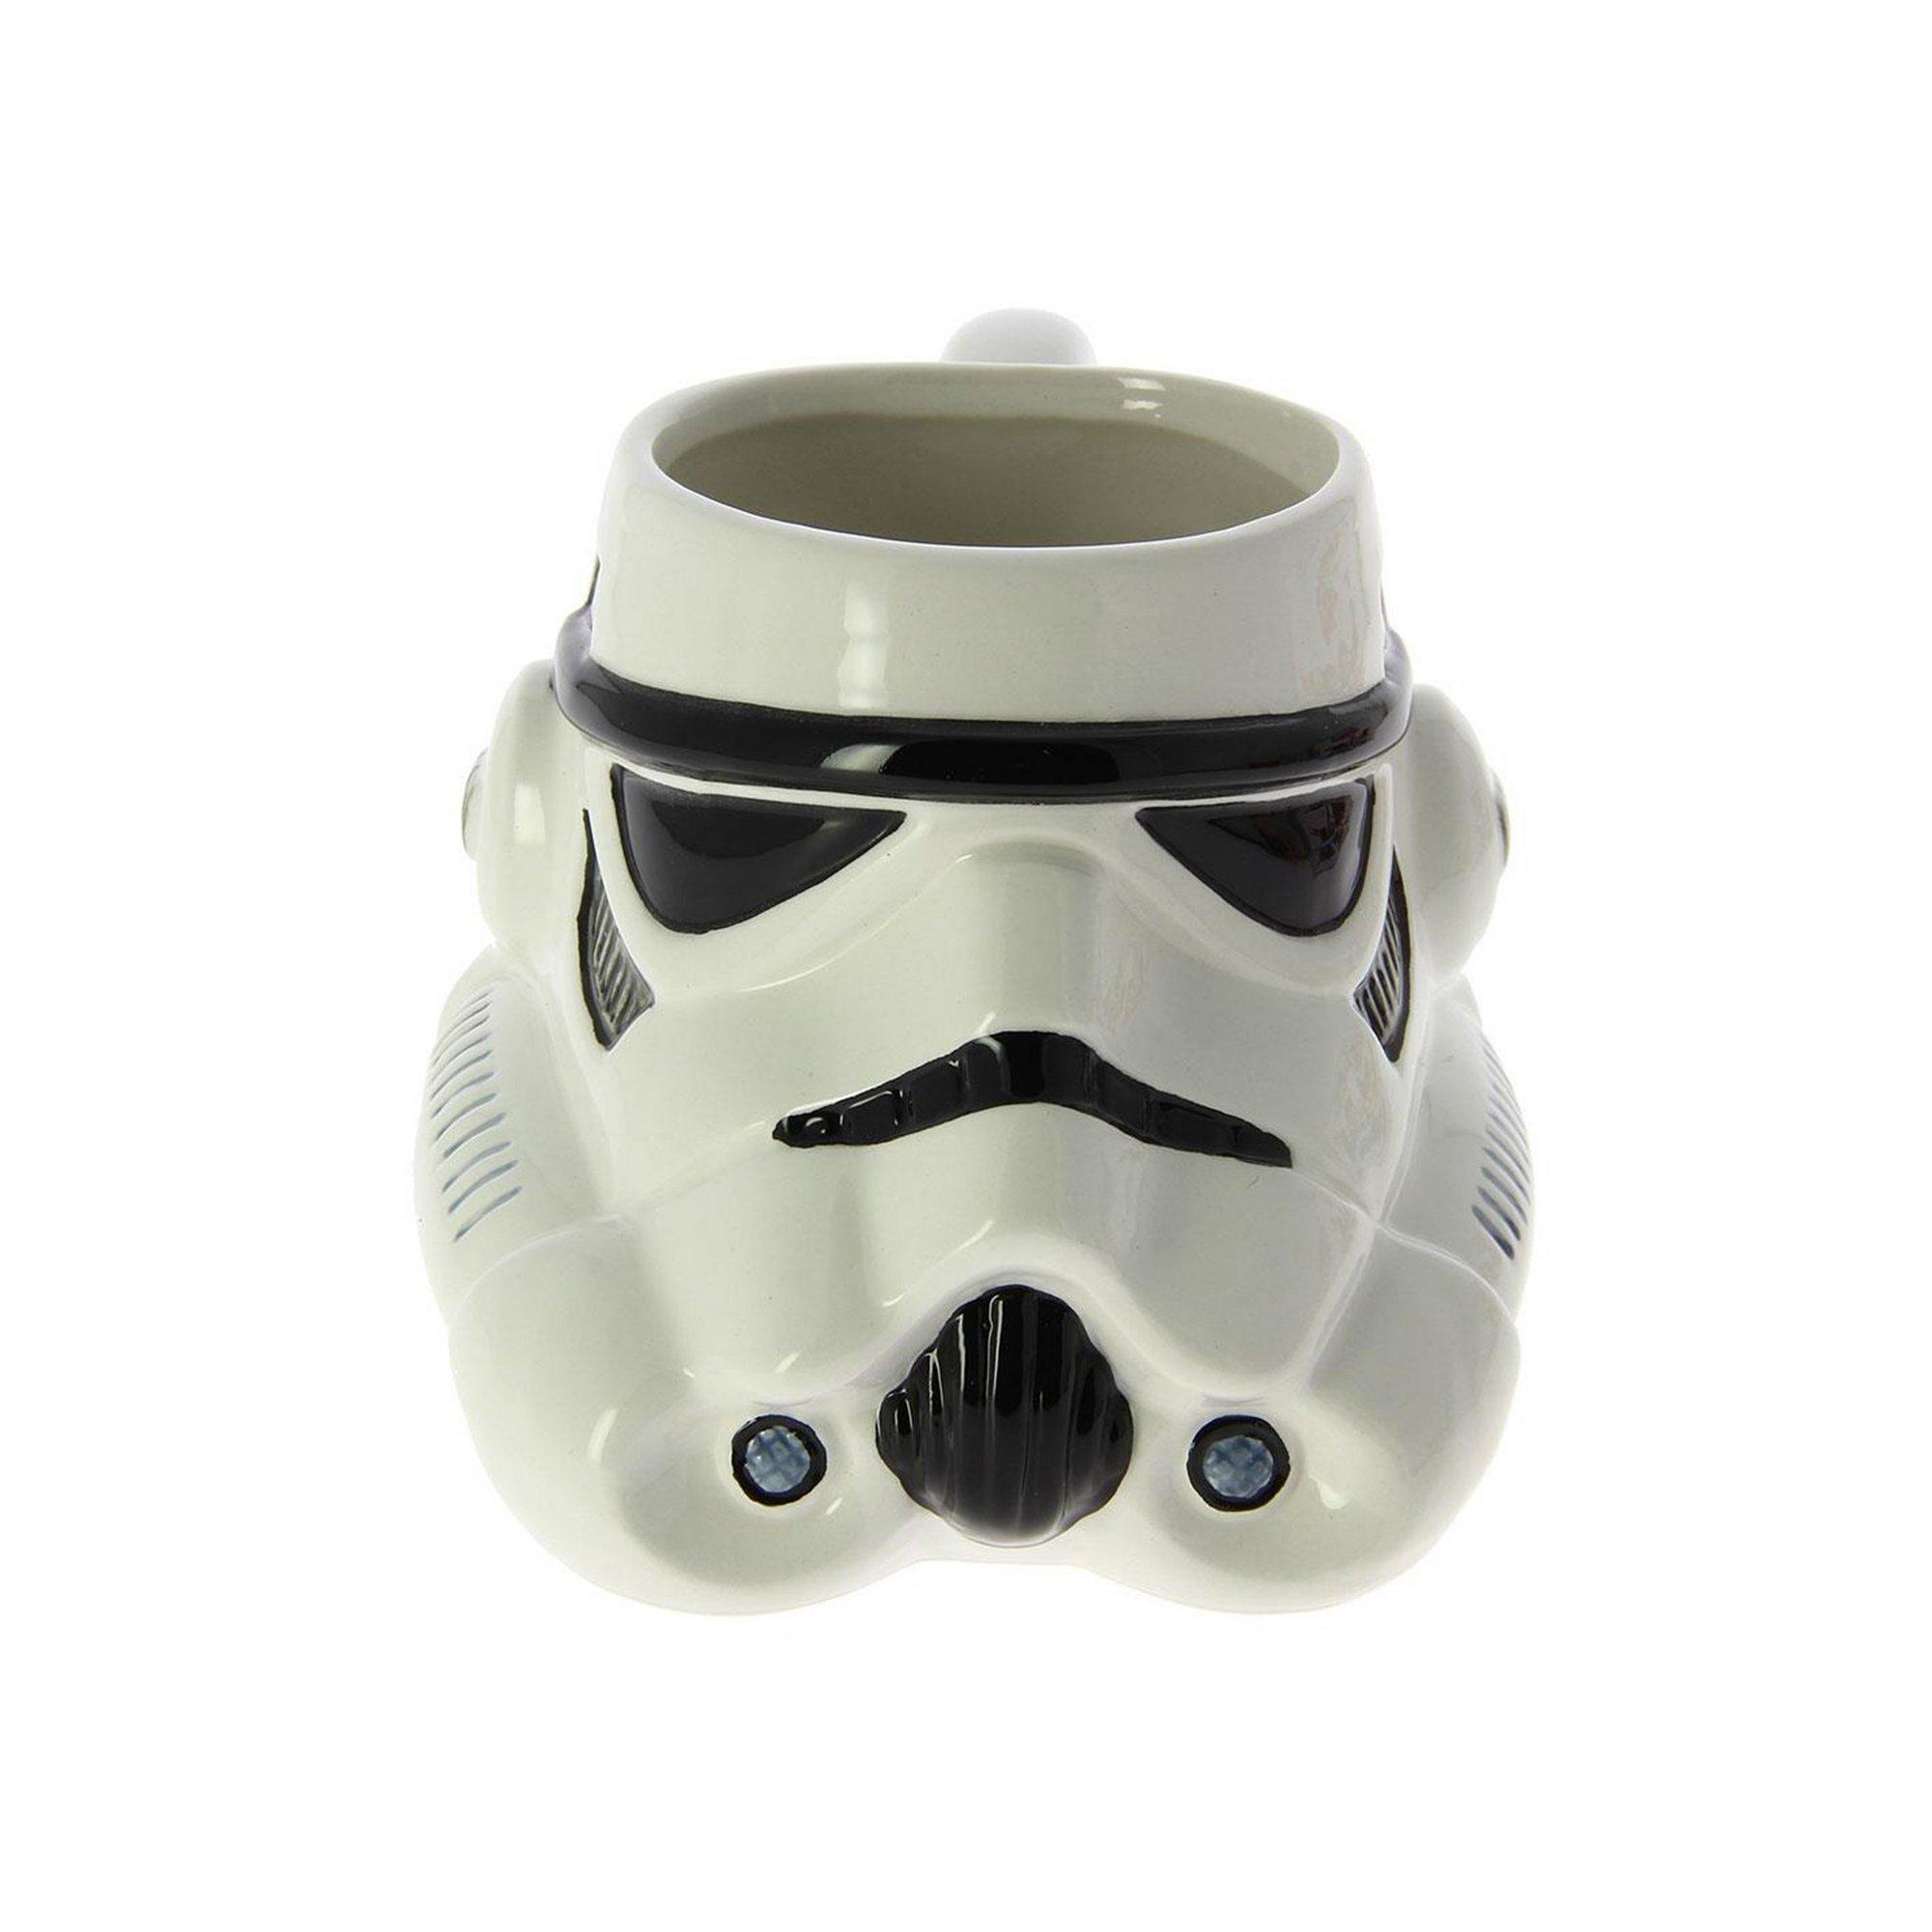 Image of Star Wars Stormtrooper 3D Mug